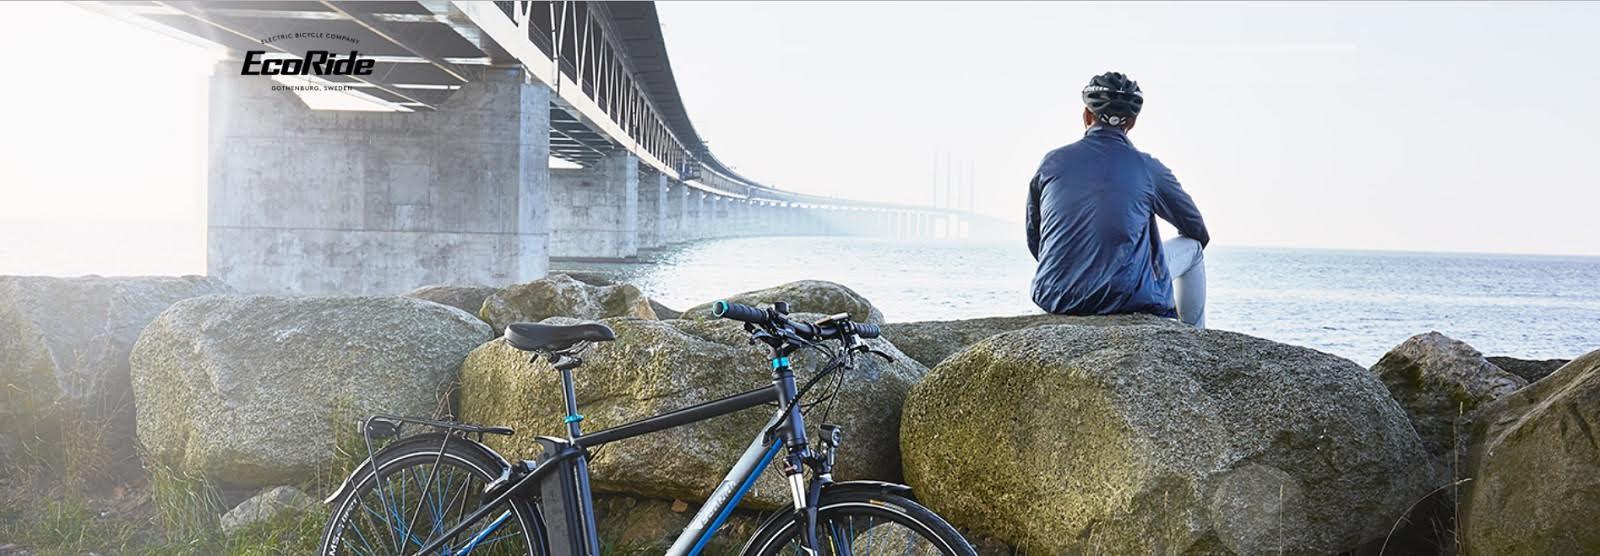 Електровелосипеди Ecoride